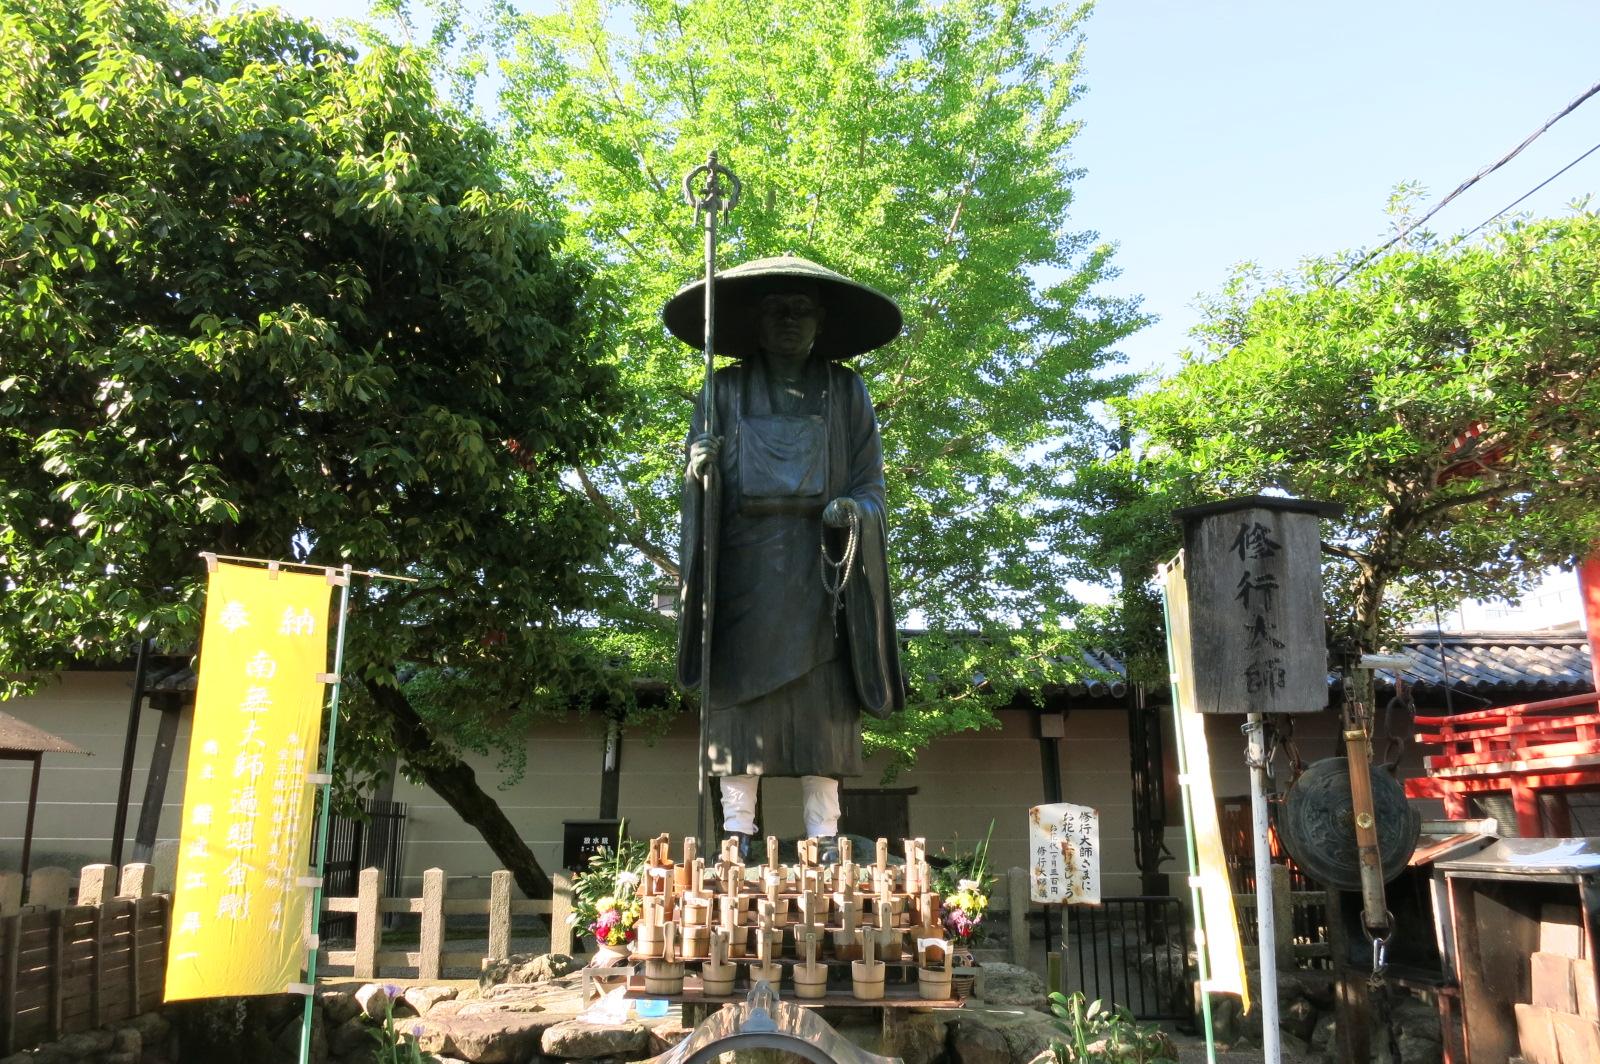 東寺境内の南にある修行大師像。学業成就や成績向上のご利益を願う参詣者も多いようです。